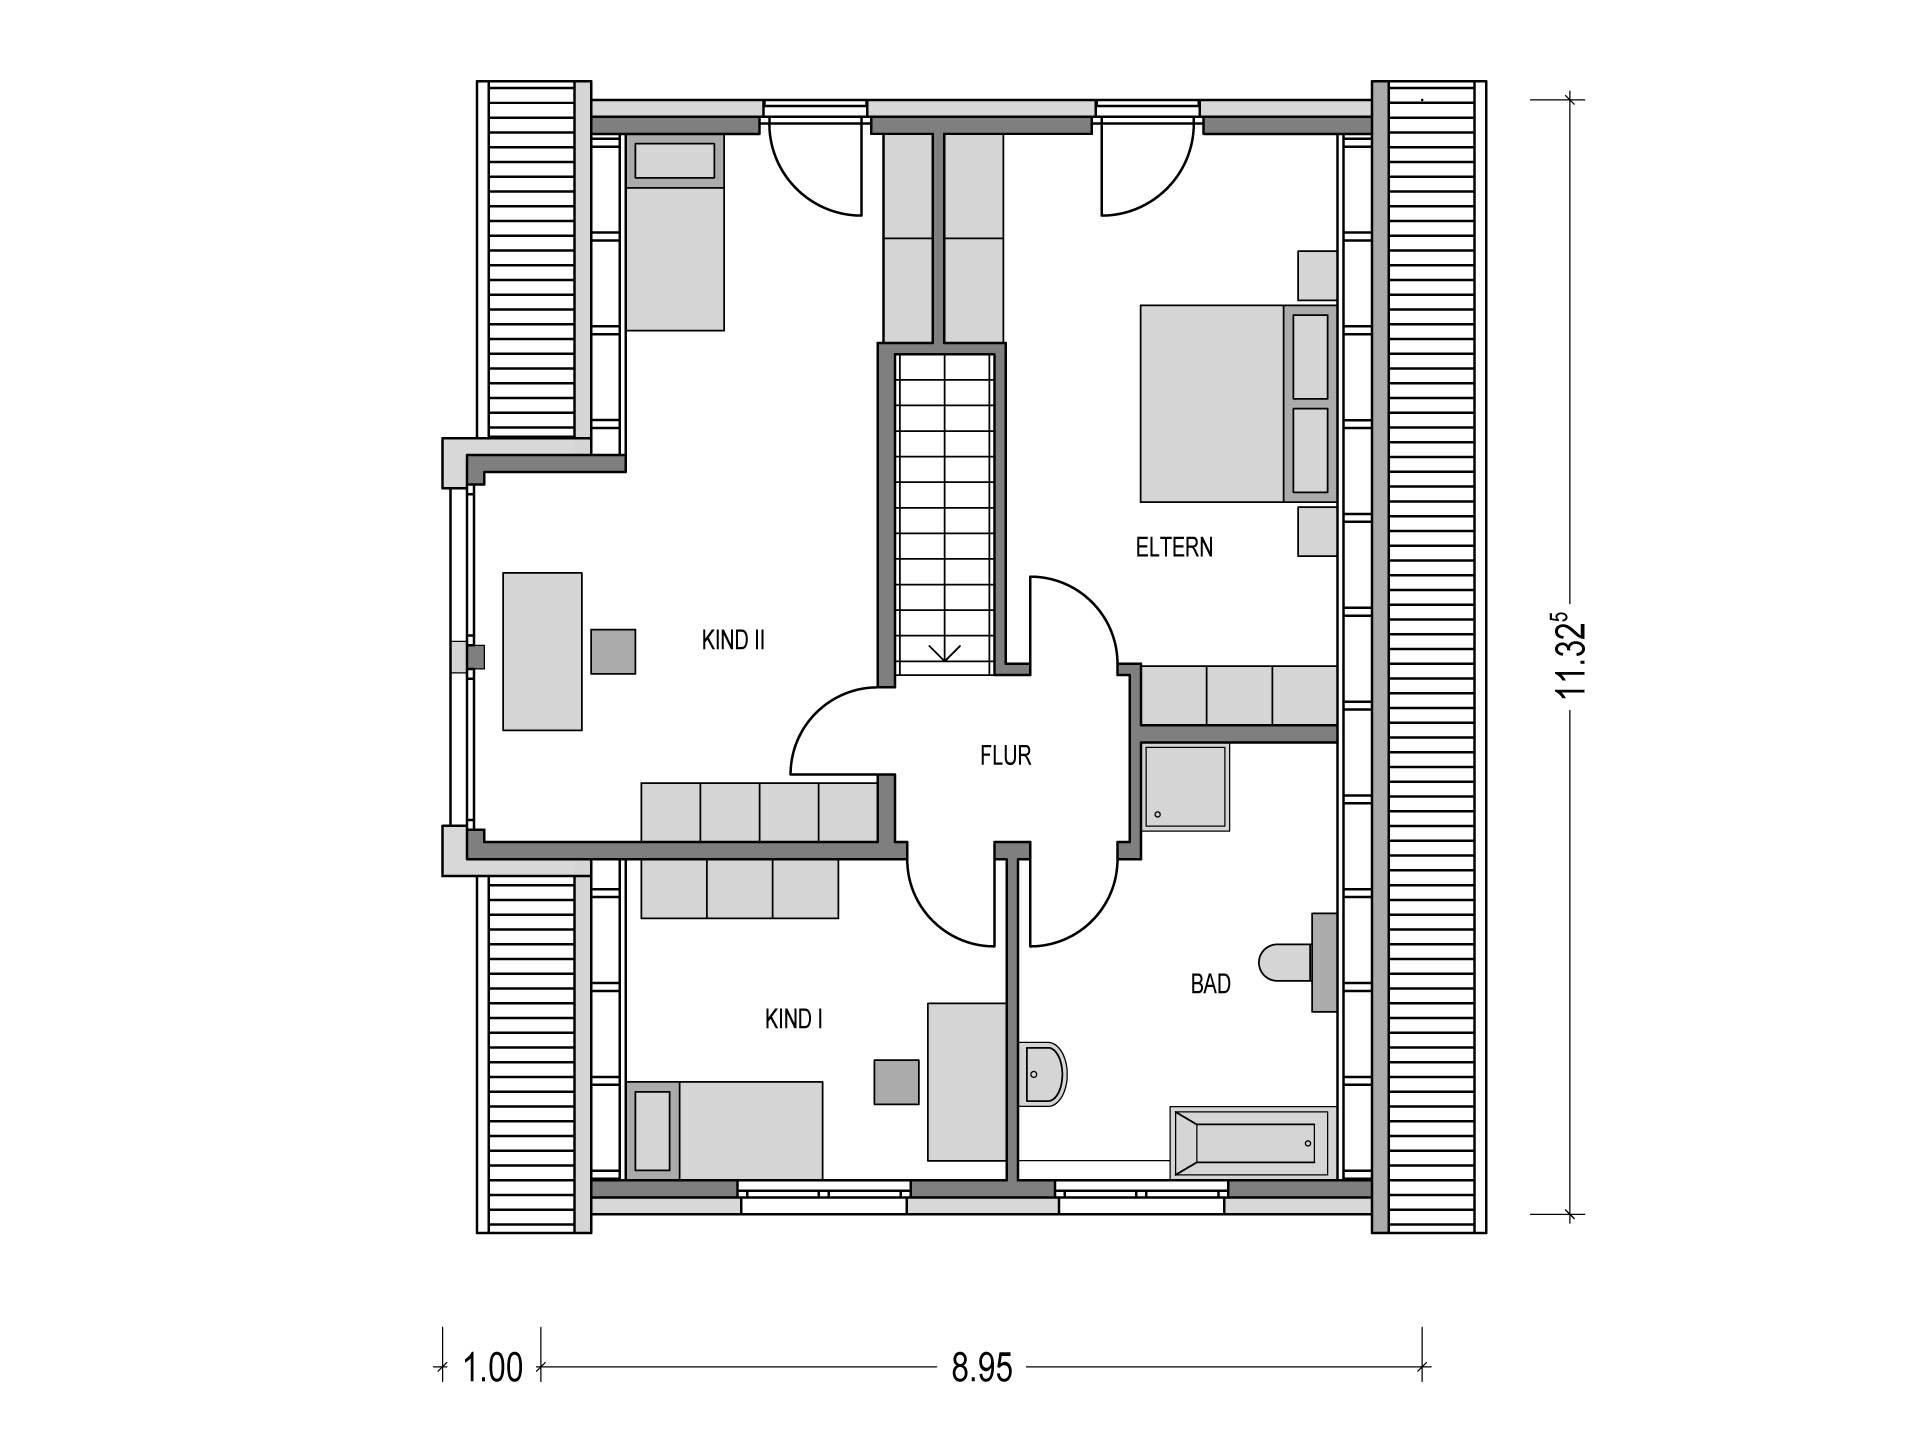 Einfamilienhaus KLASSIK 2000.2 Grundriss OG von Deutsche Bauwelten